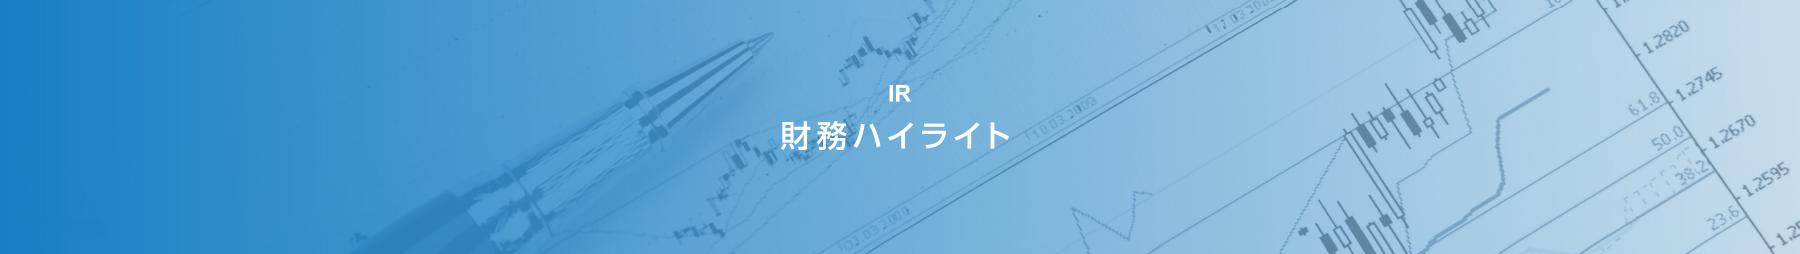 IR 財務ハイライト